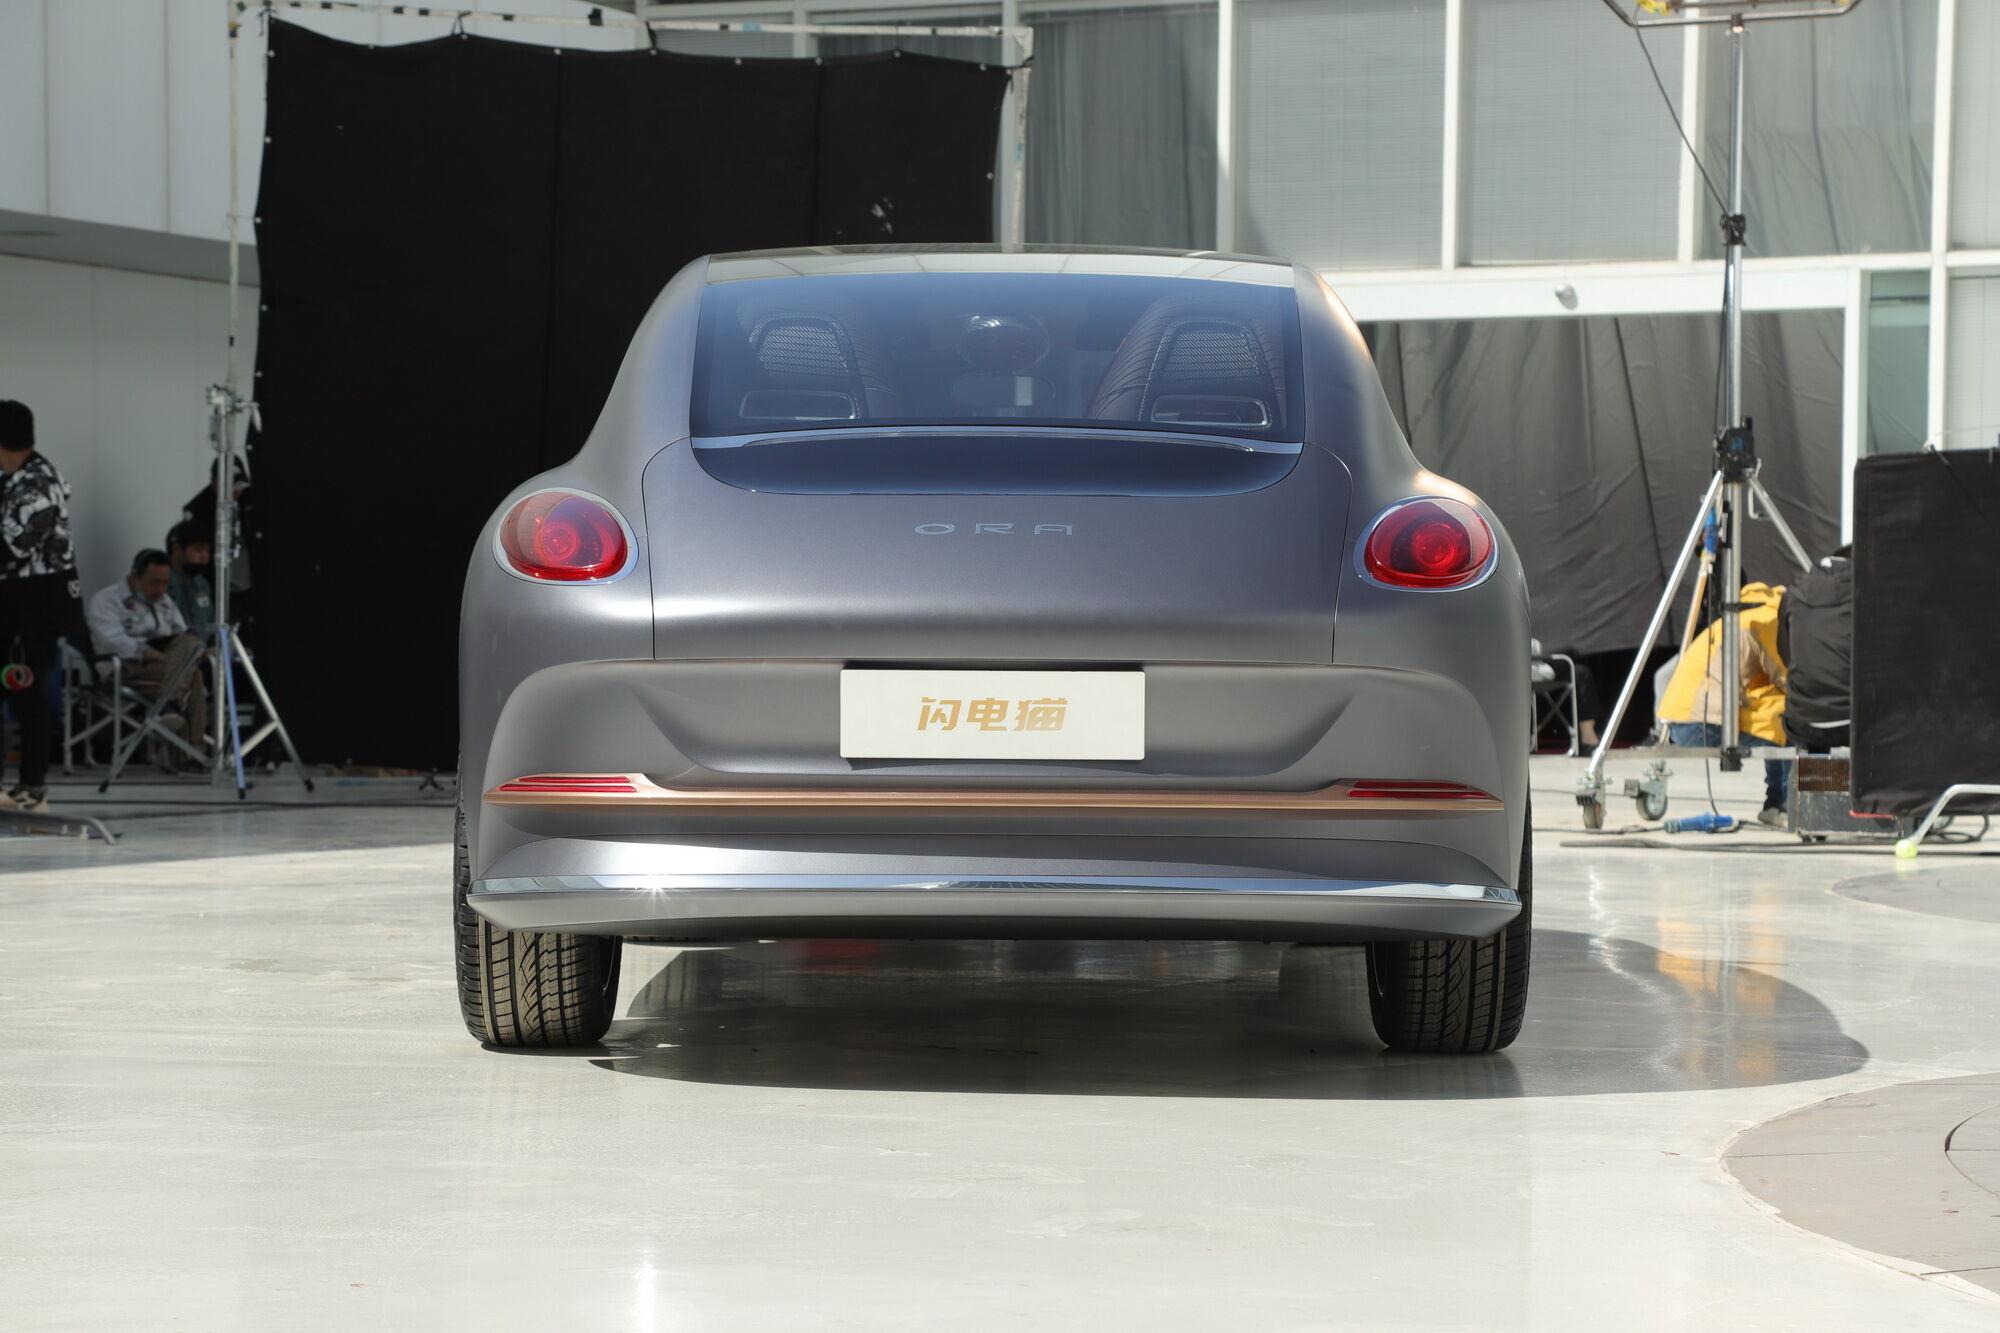 Овальные патрубки выхлопной системы смотрелись бы достаточно органично, но Conceptcat – электромобиль